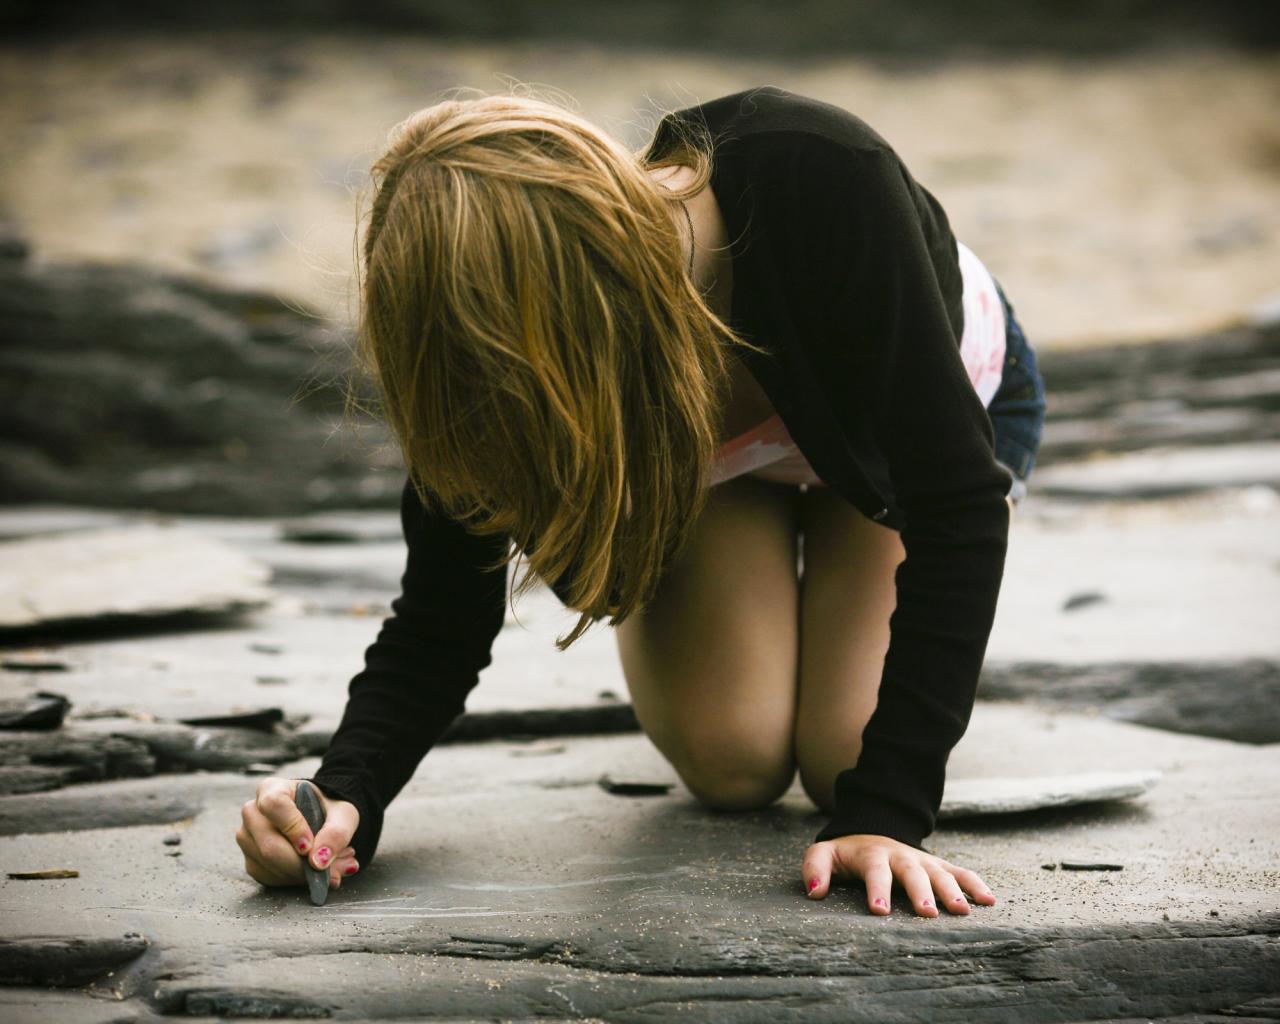 Фотография девушка на камне 16 фотография